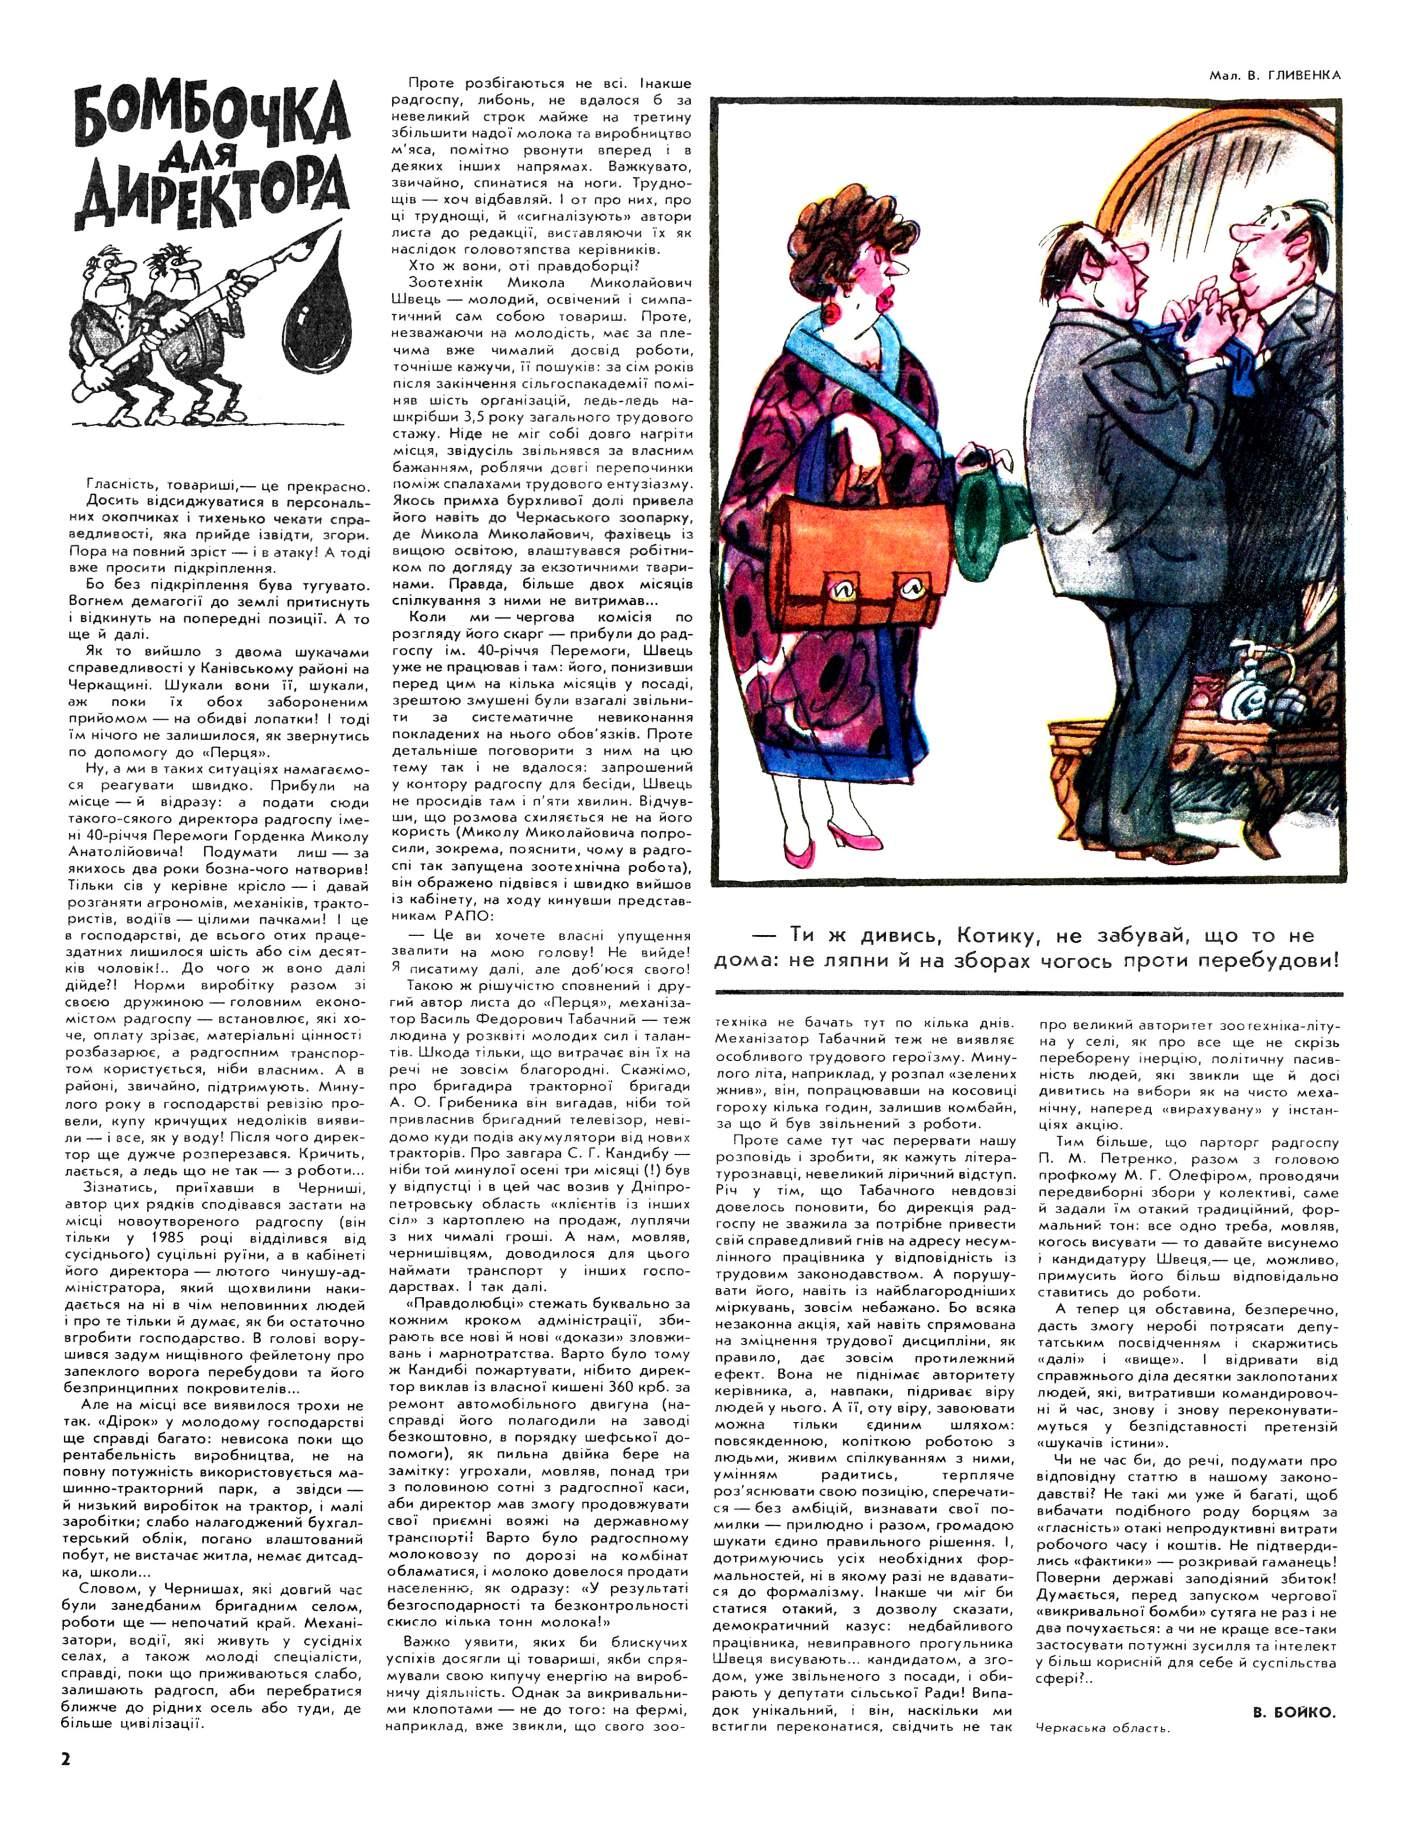 Журнал перець 1987 №24